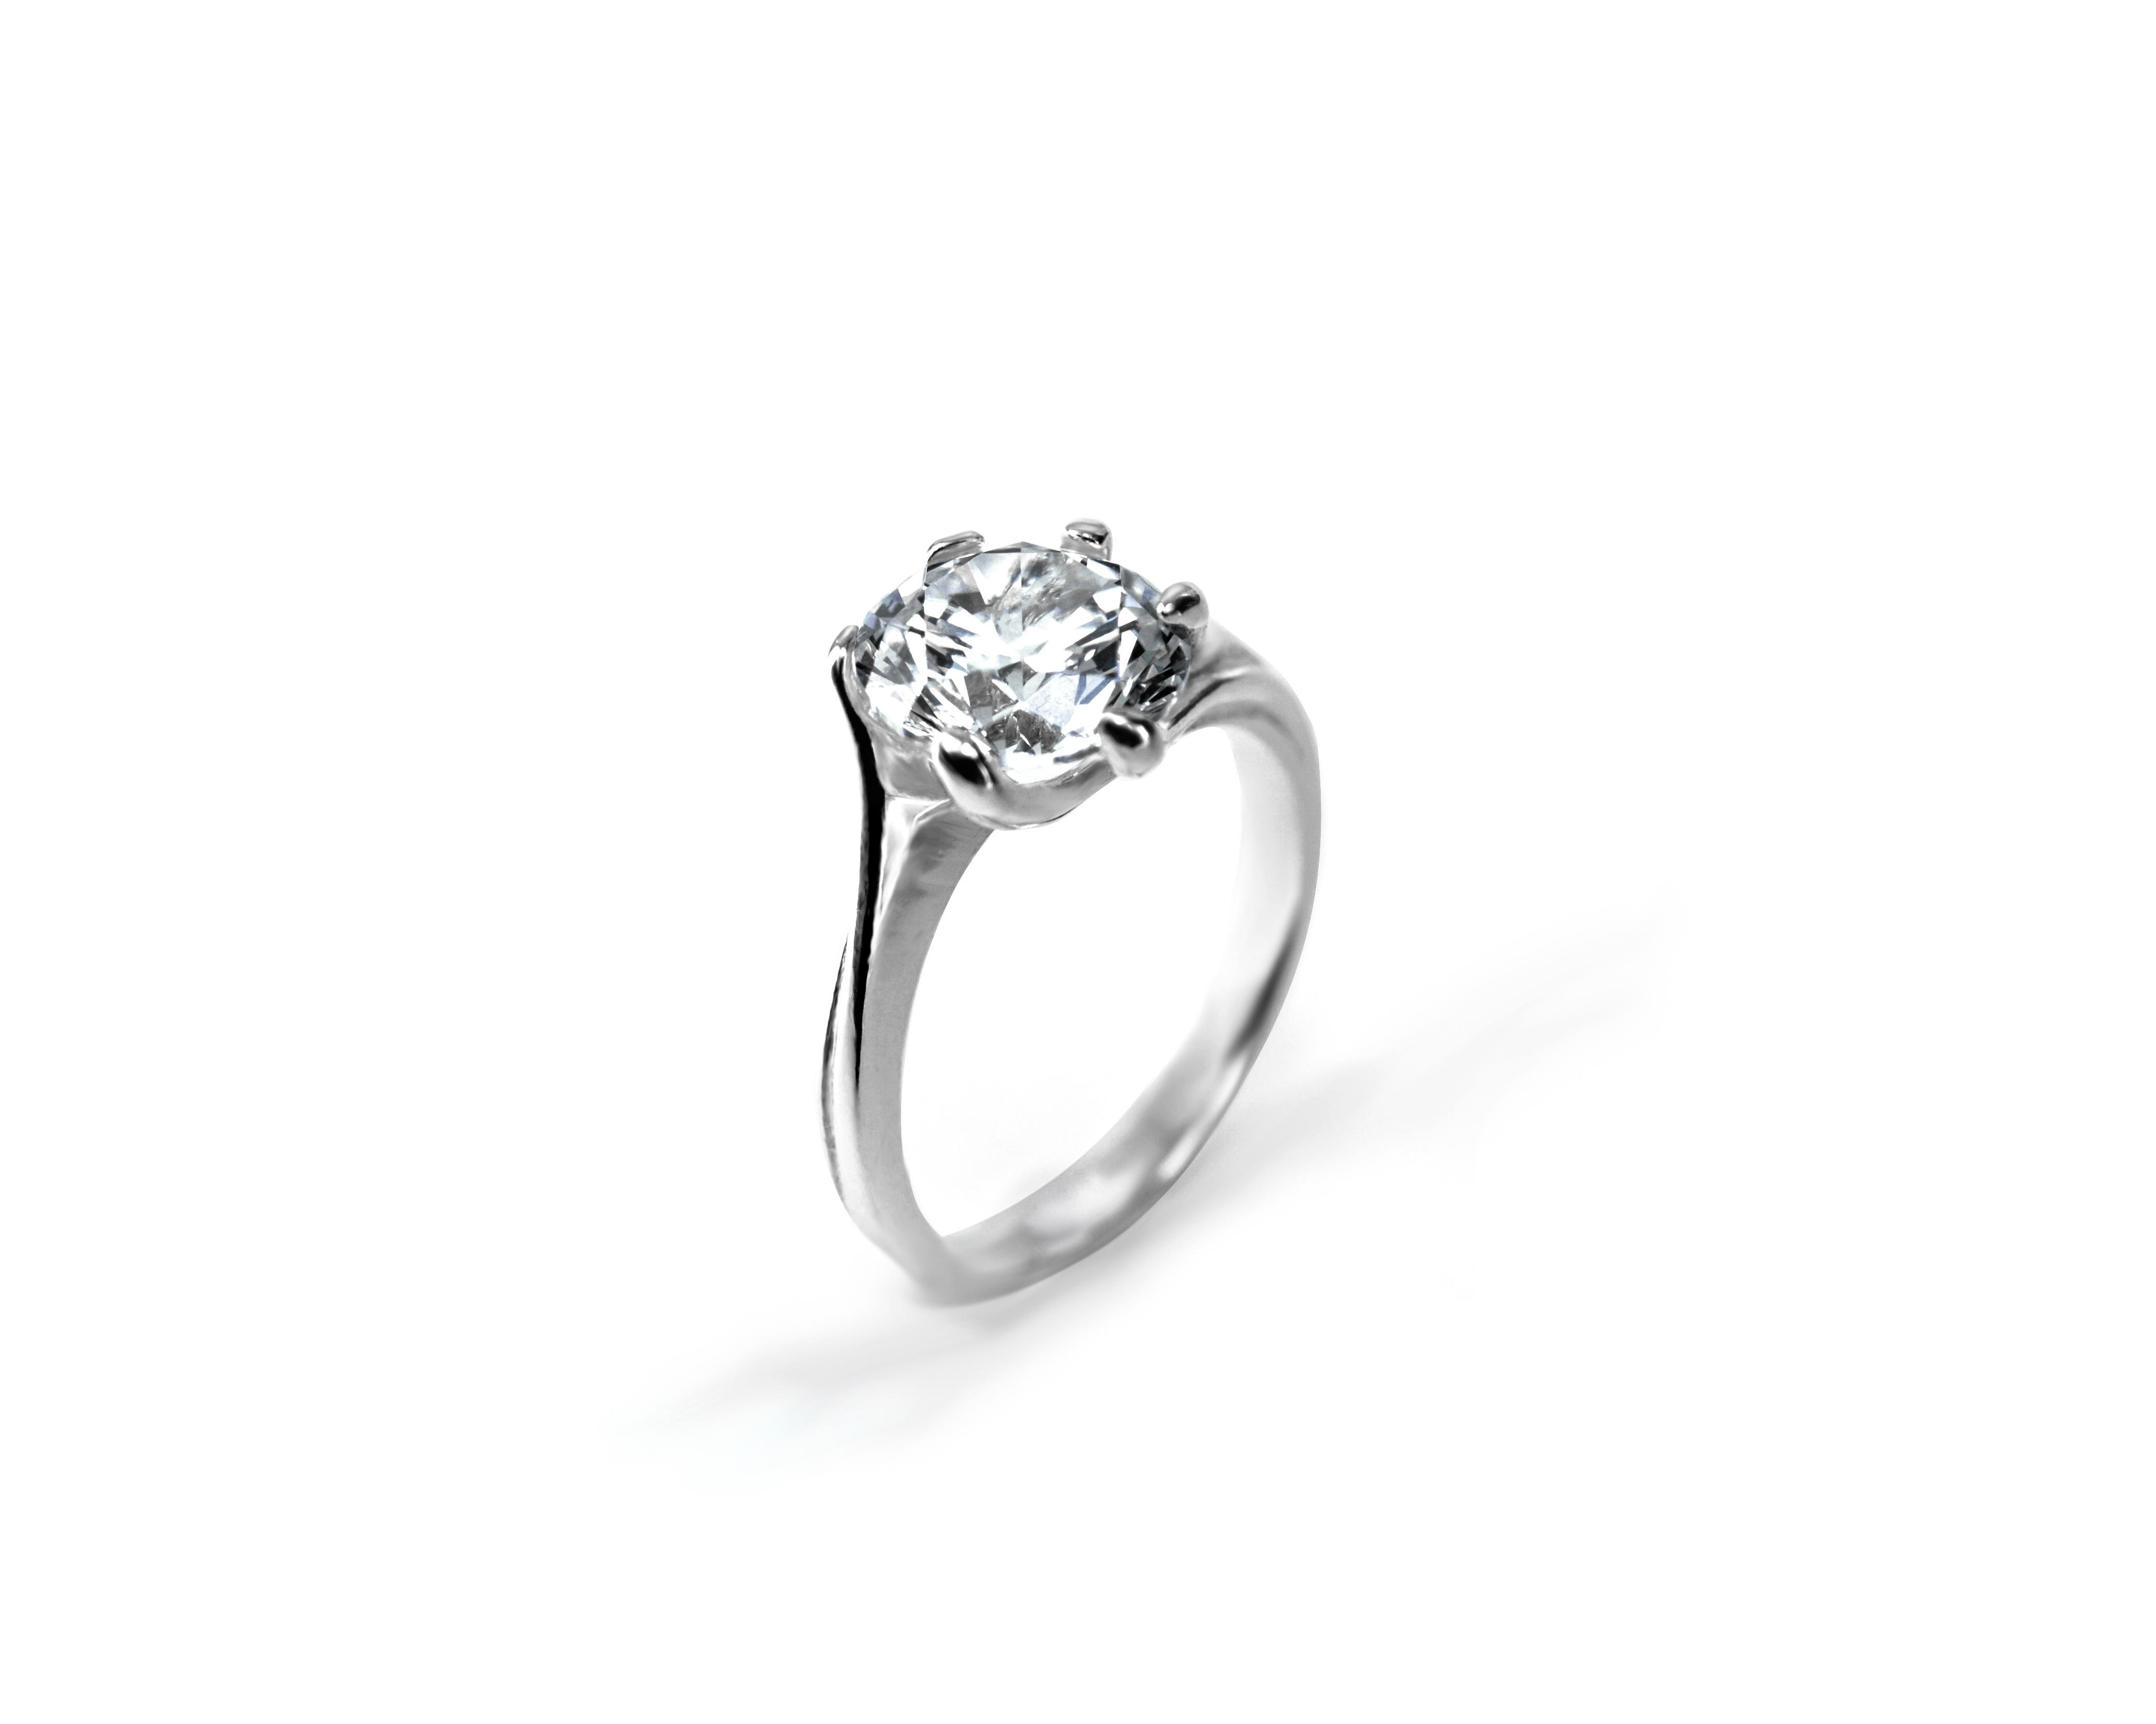 bb698dd83 Zlatý zásnubní prsten Loretta – Šperky Milan Jiříček